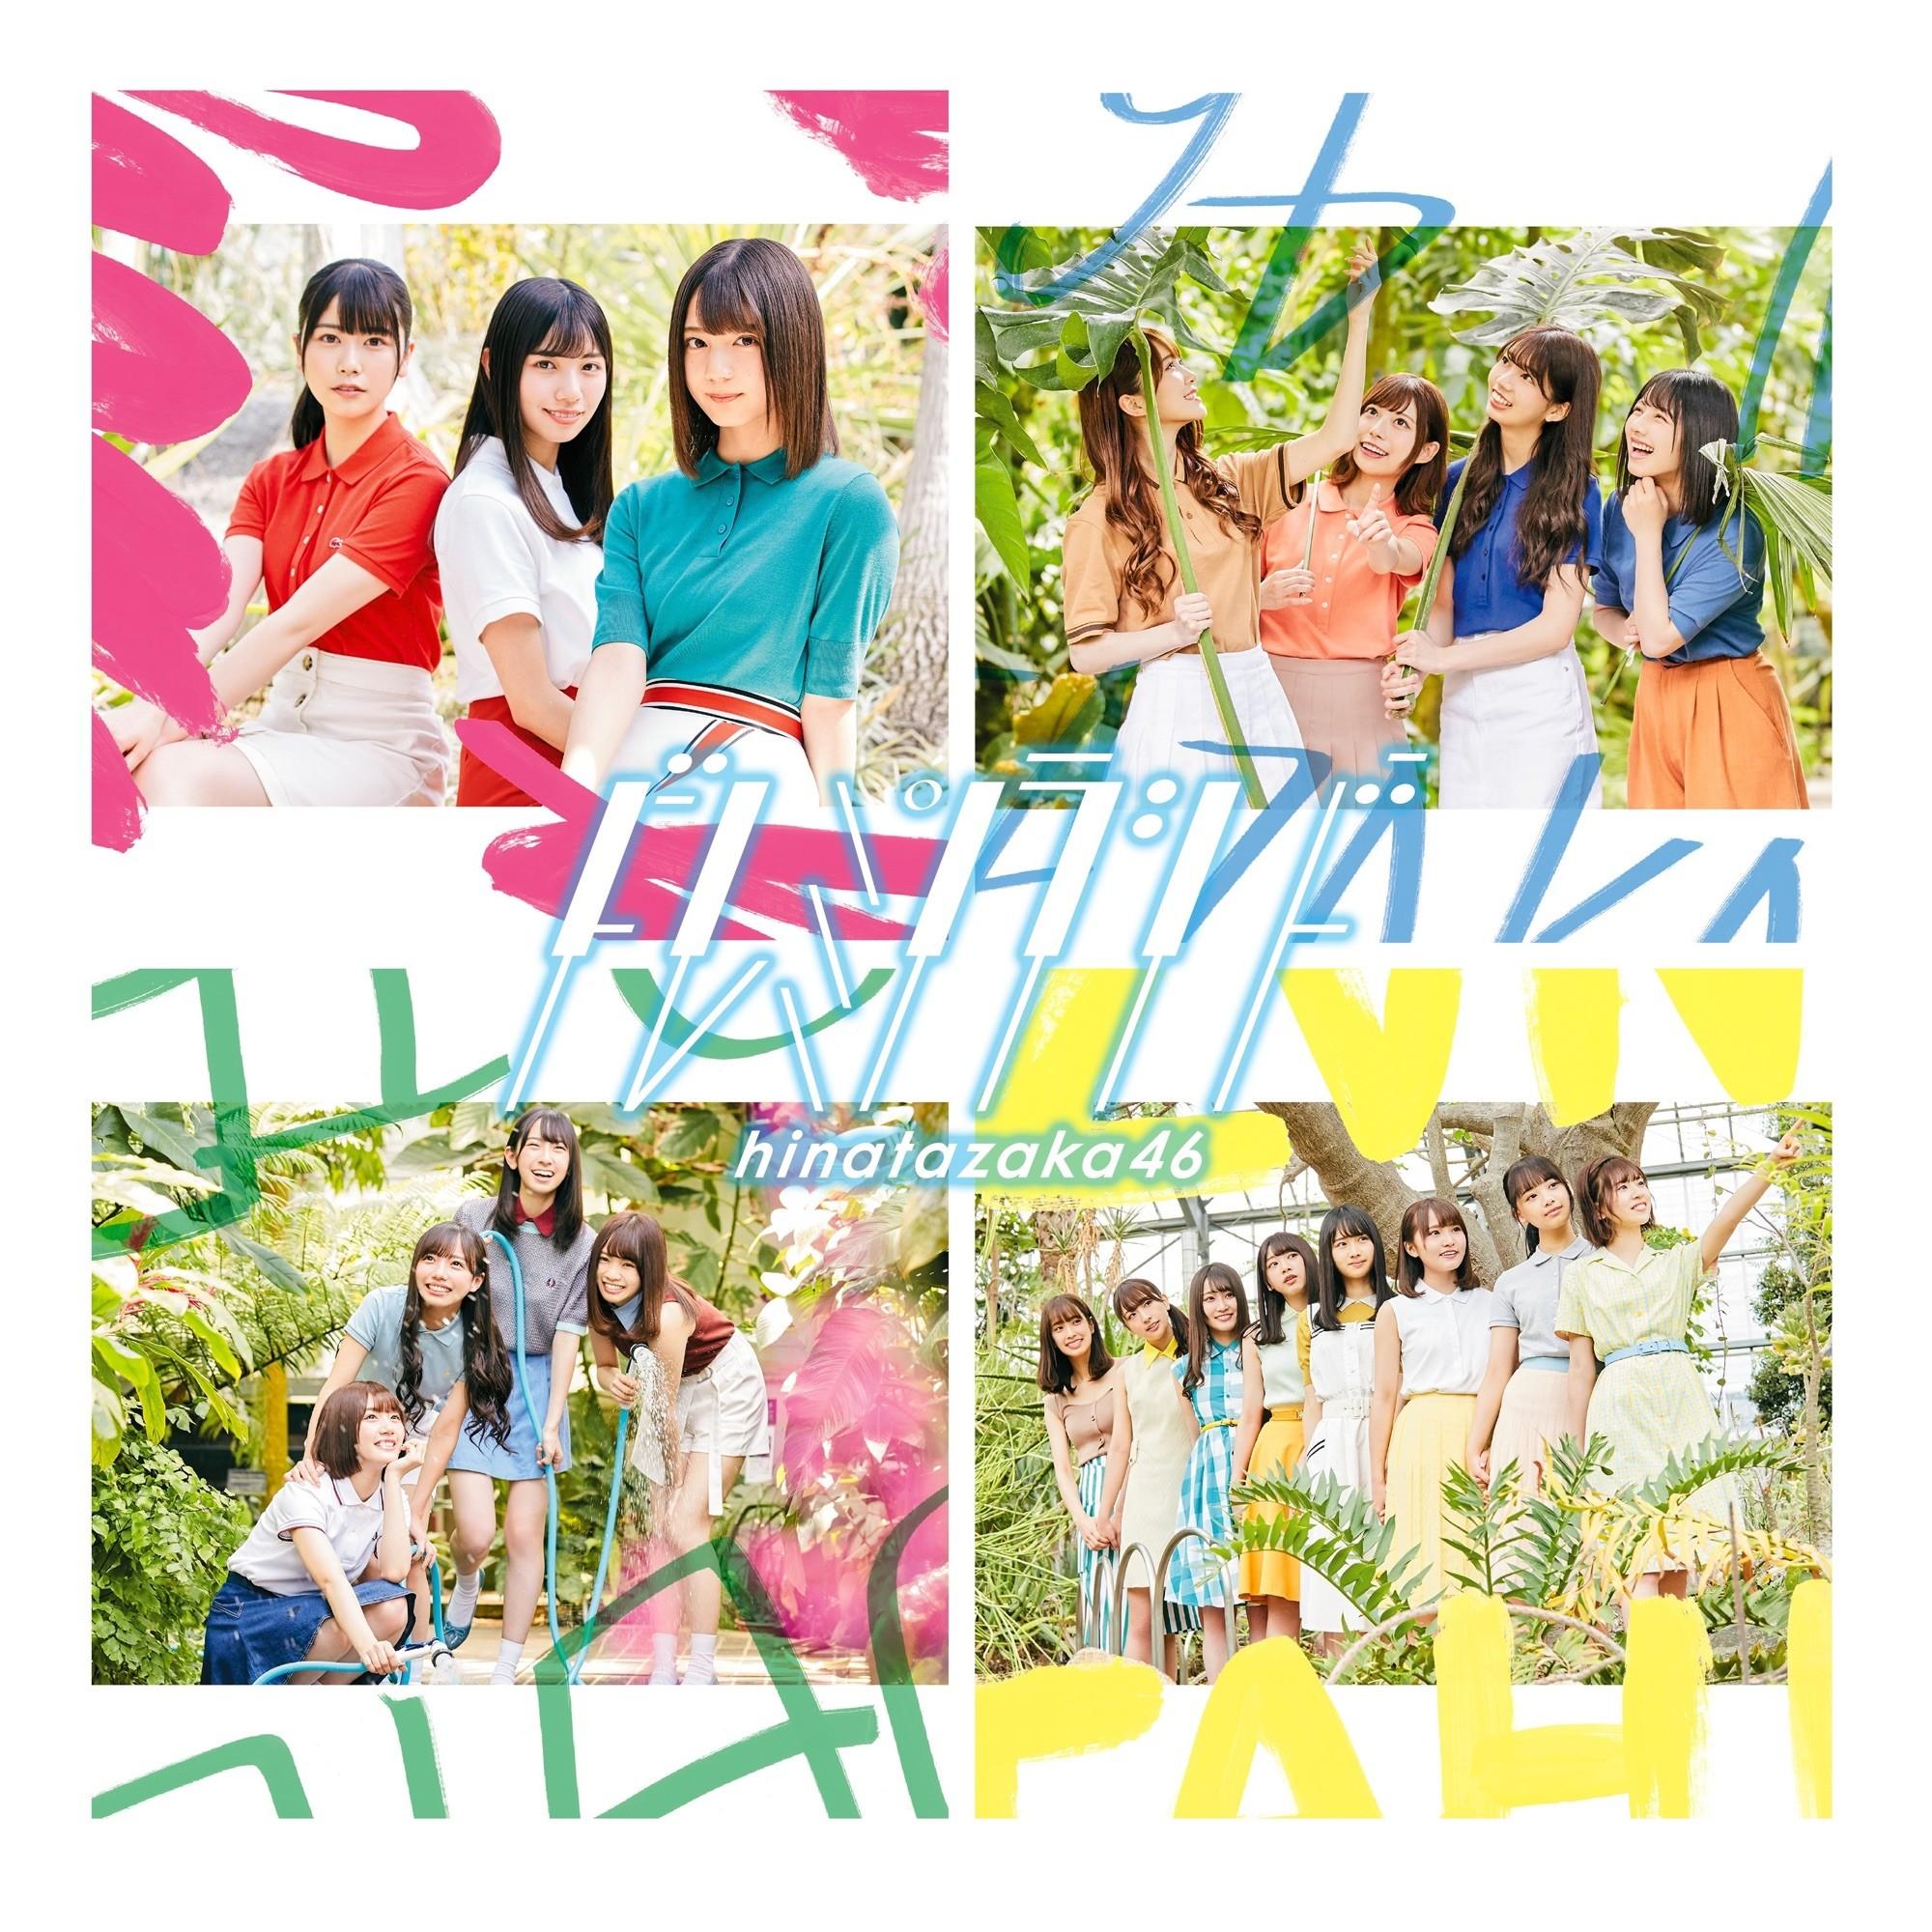 日向坂46 (Hinatazaka46) – ドレミソラシド  [FLAC + MP3 320 + Blu-ray ISO] [2019.07.17]